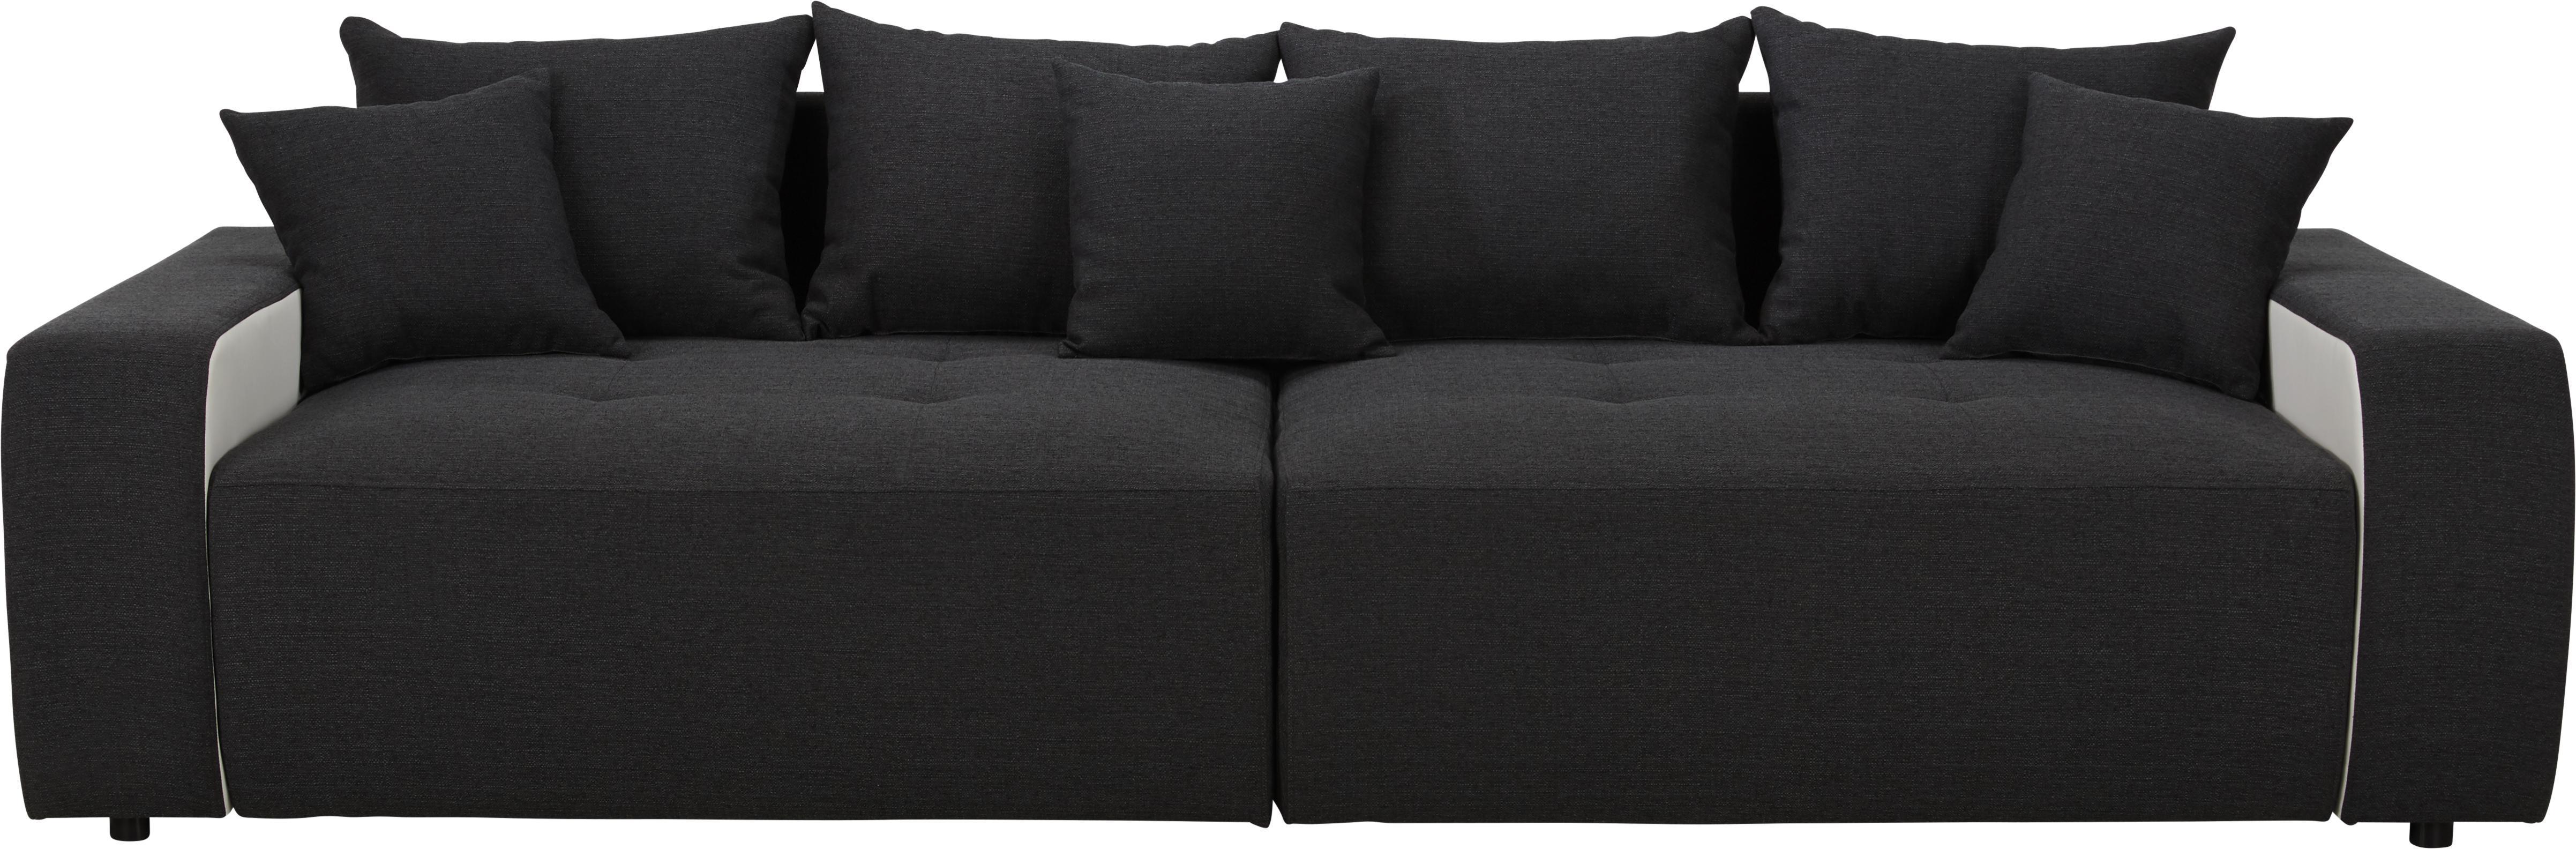 Bigsofa Schwarz/Weiß   Schwarz/Weiß, MODERN, Kunststoff/Textil (292